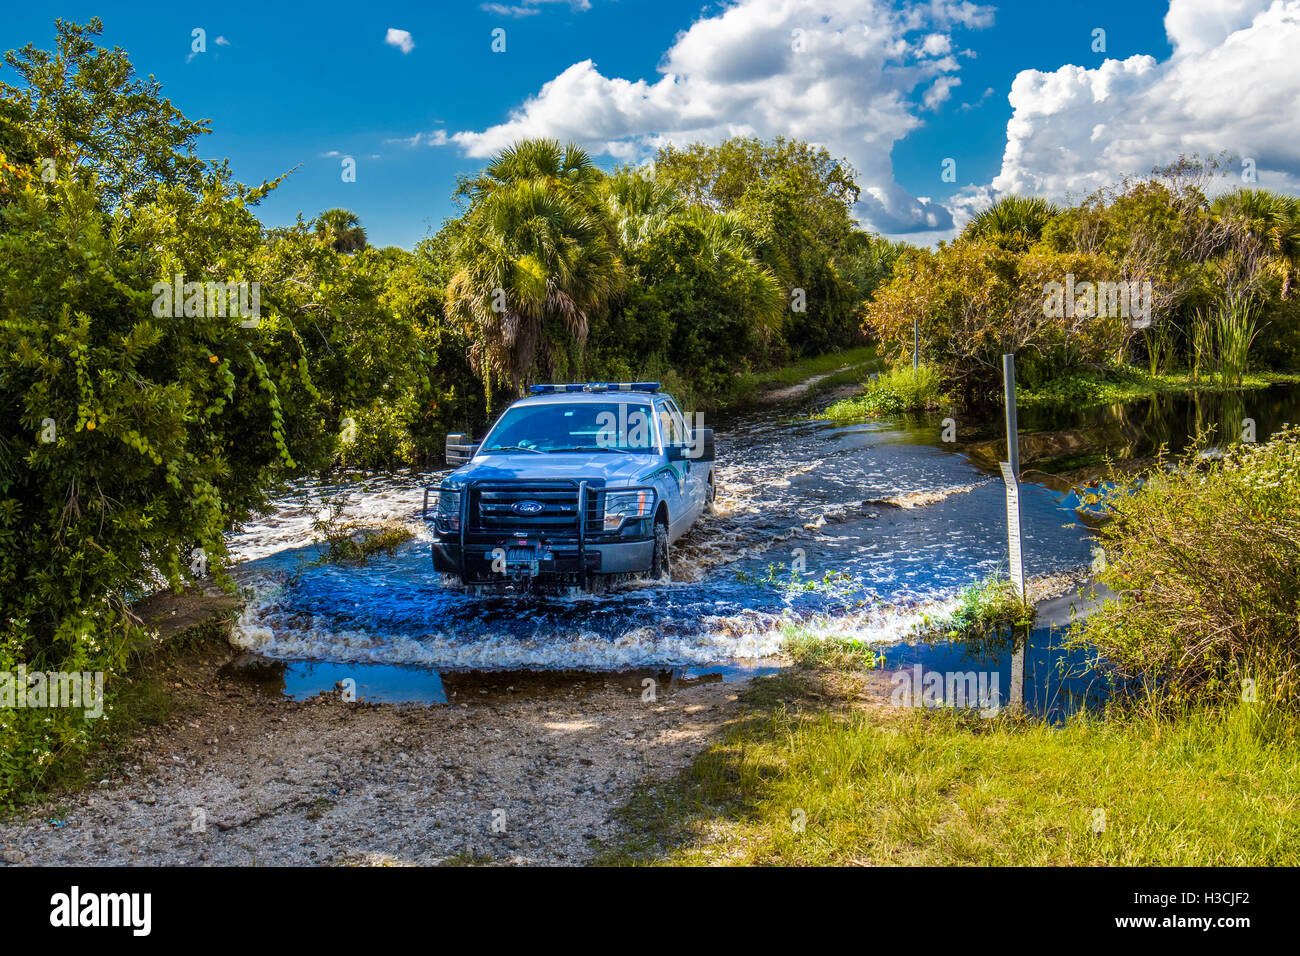 Passage de camions Ranger Deer Creek Ruisseau Prairie préserver Venise en Floride Banque D'Images